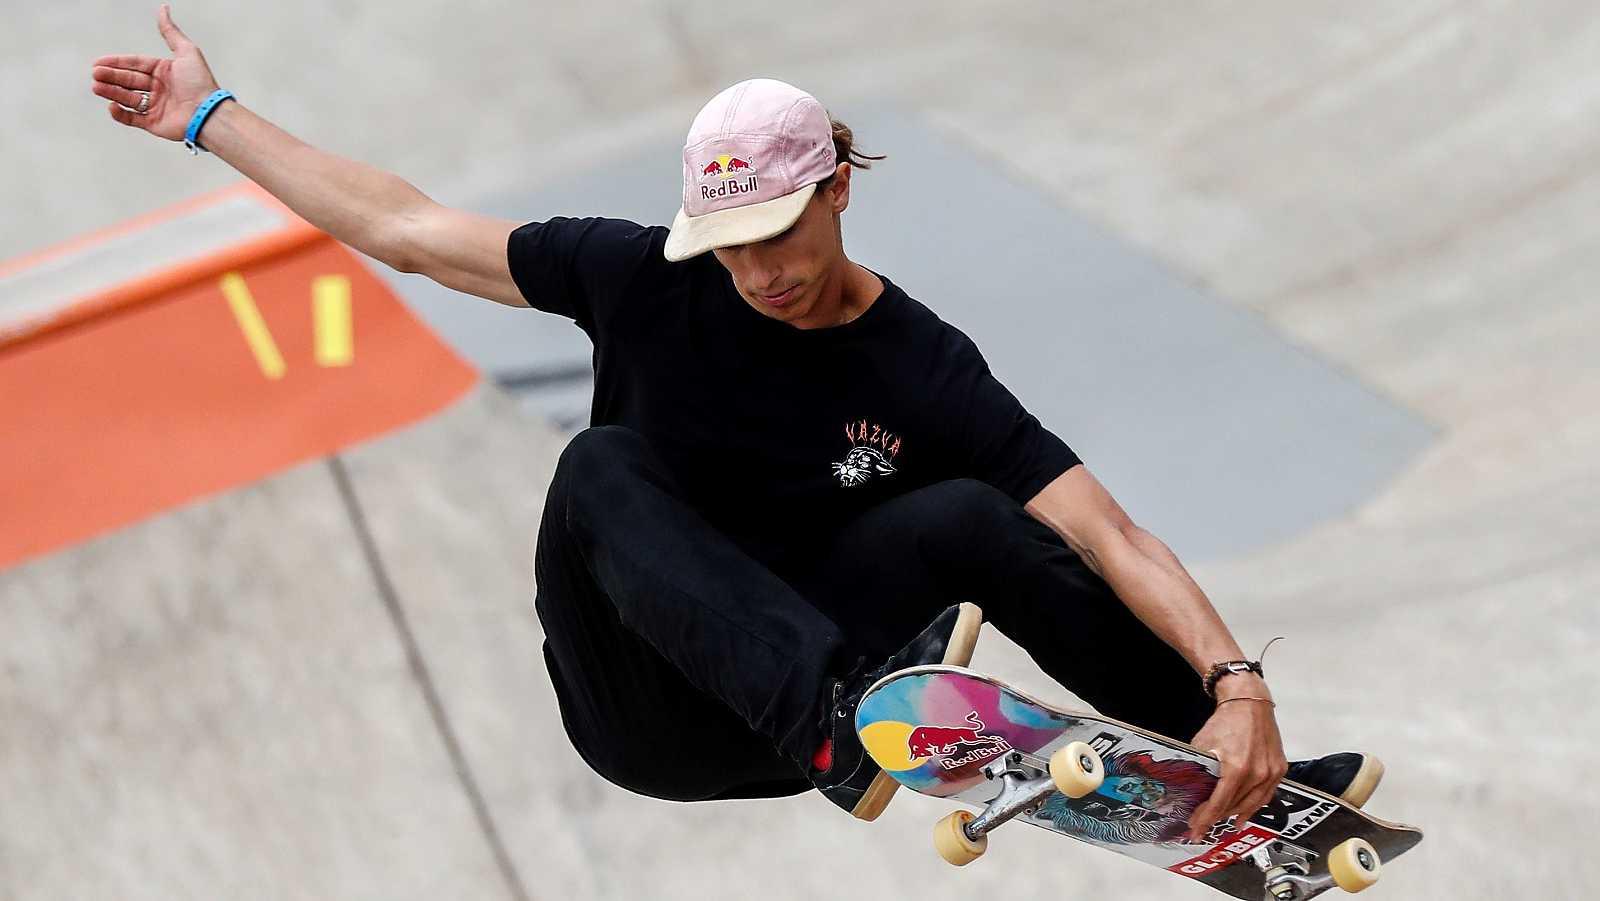 Danny Leon sueña con una medalla olímpica en skate